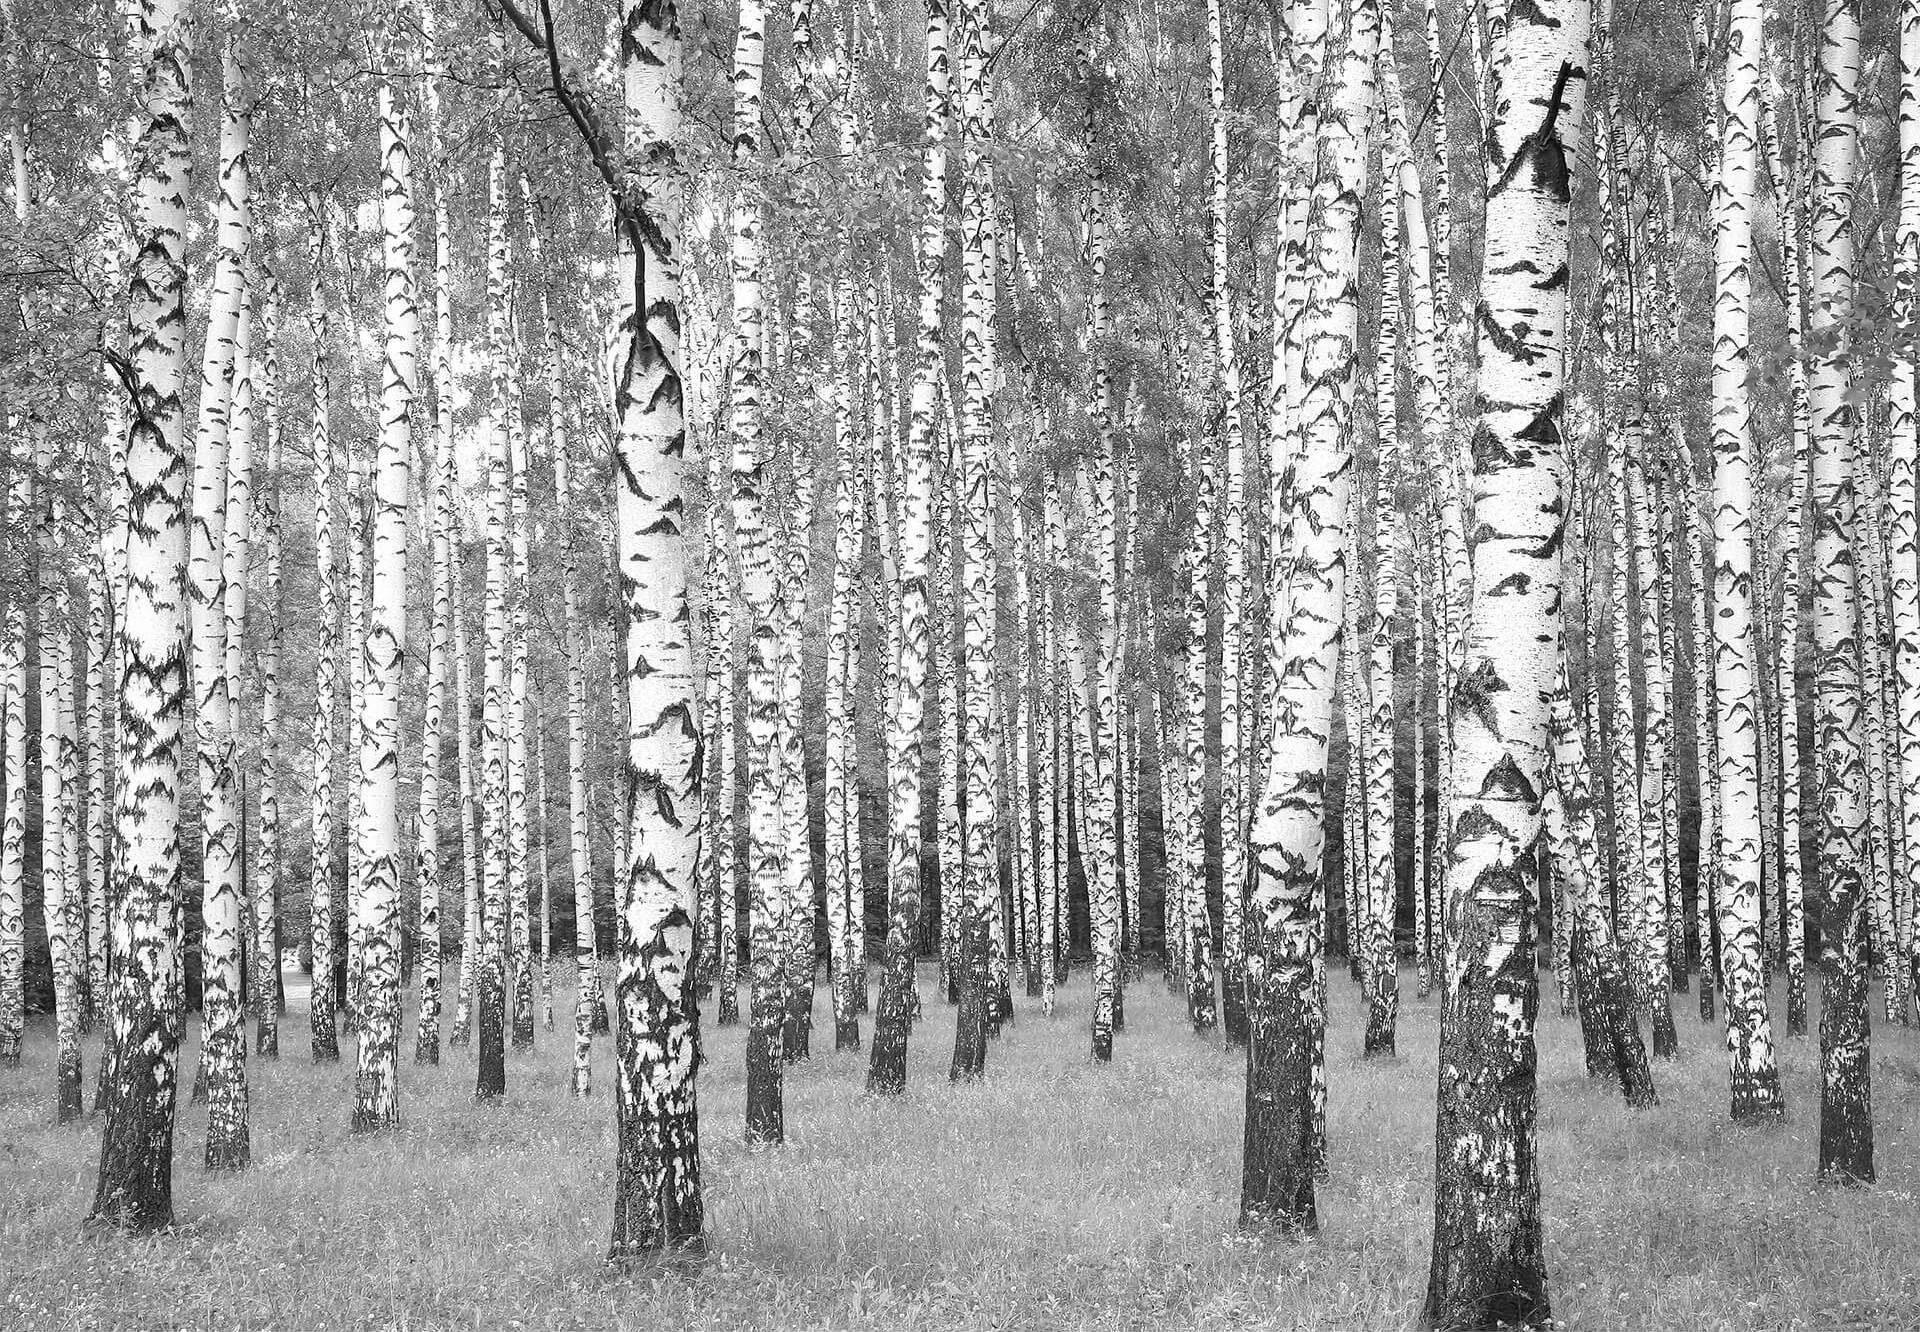 Fototapete »Birkenwald«, 366/254 cm